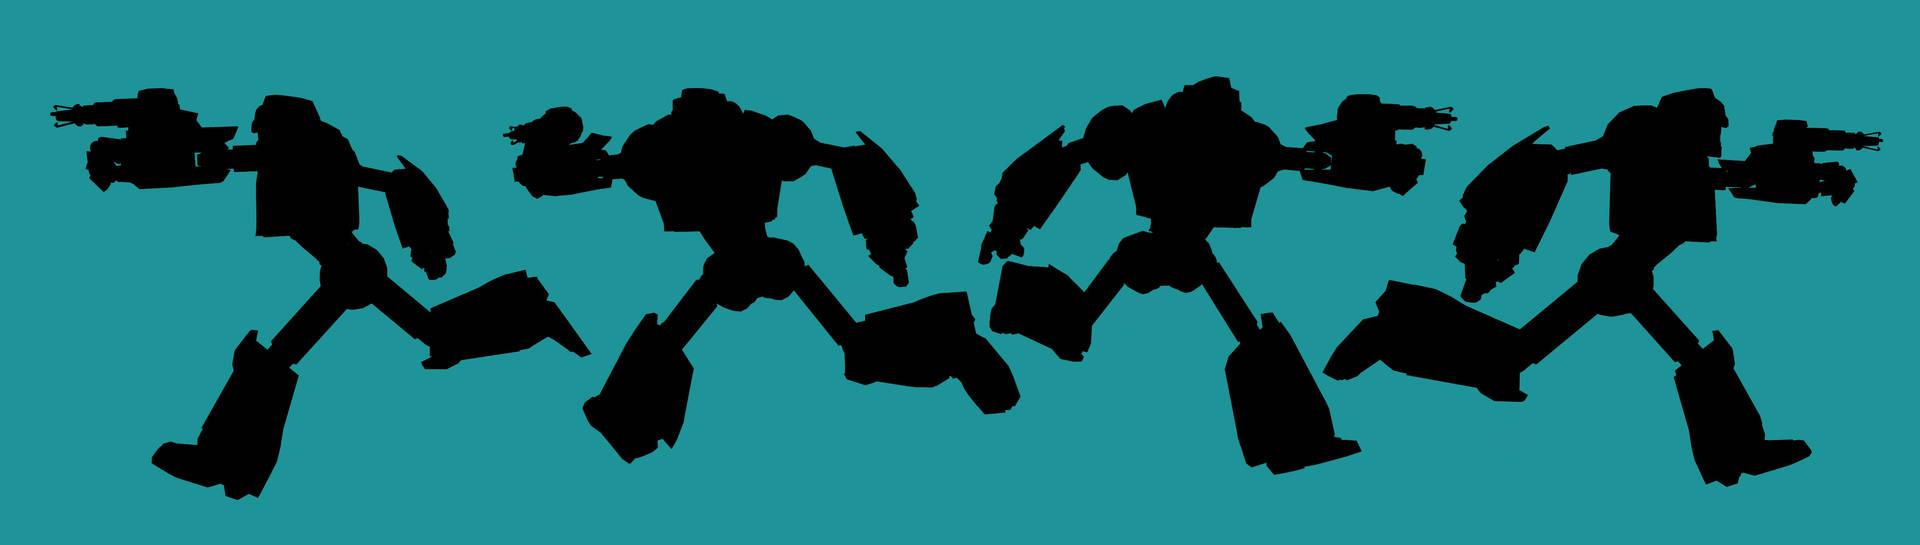 runs silhouette.jpg